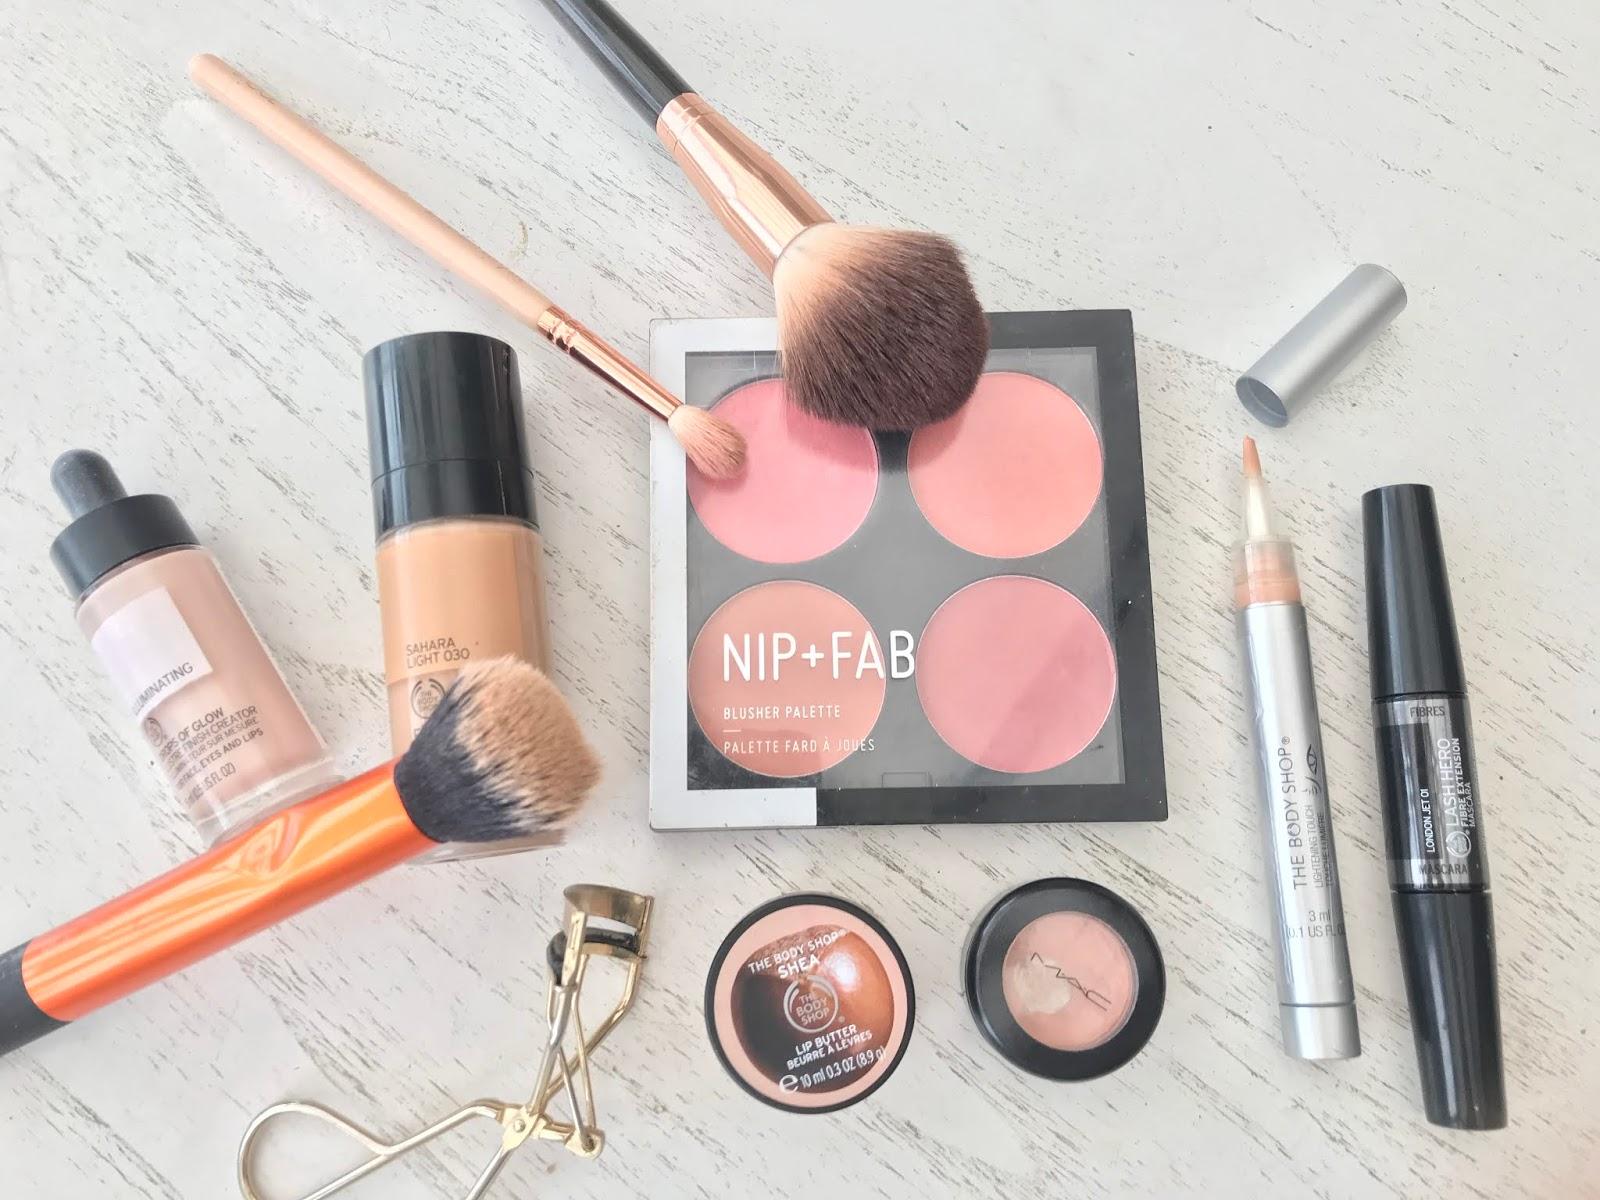 Makeup for a No Makeup Look